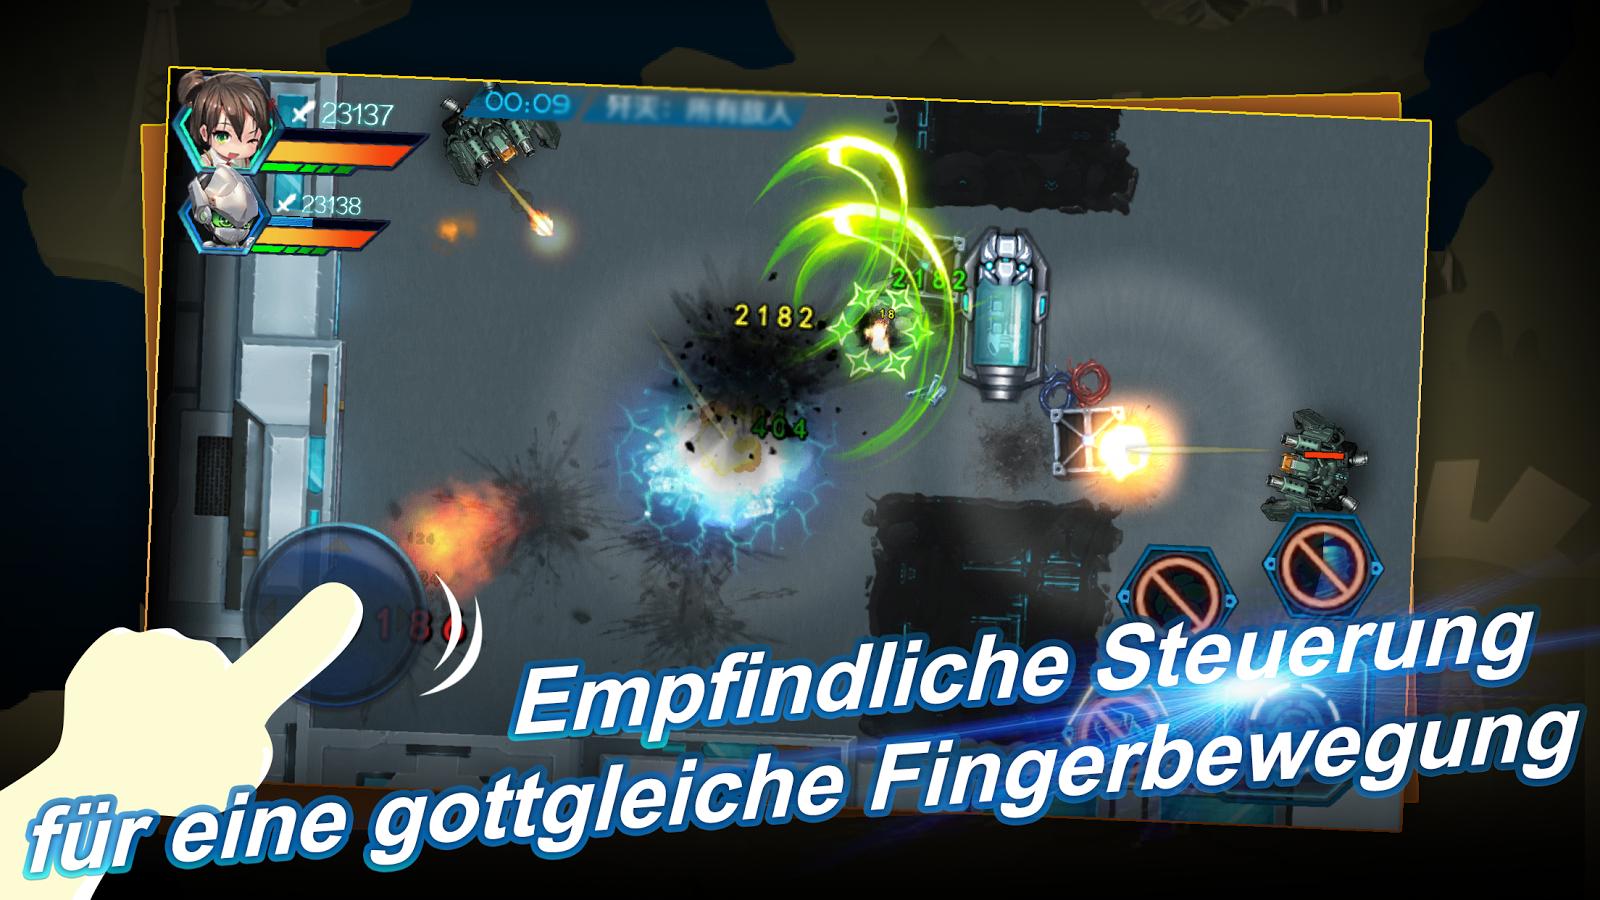 Shooting Heroes -Shooting Spiele Free Hero Packs android spiele download